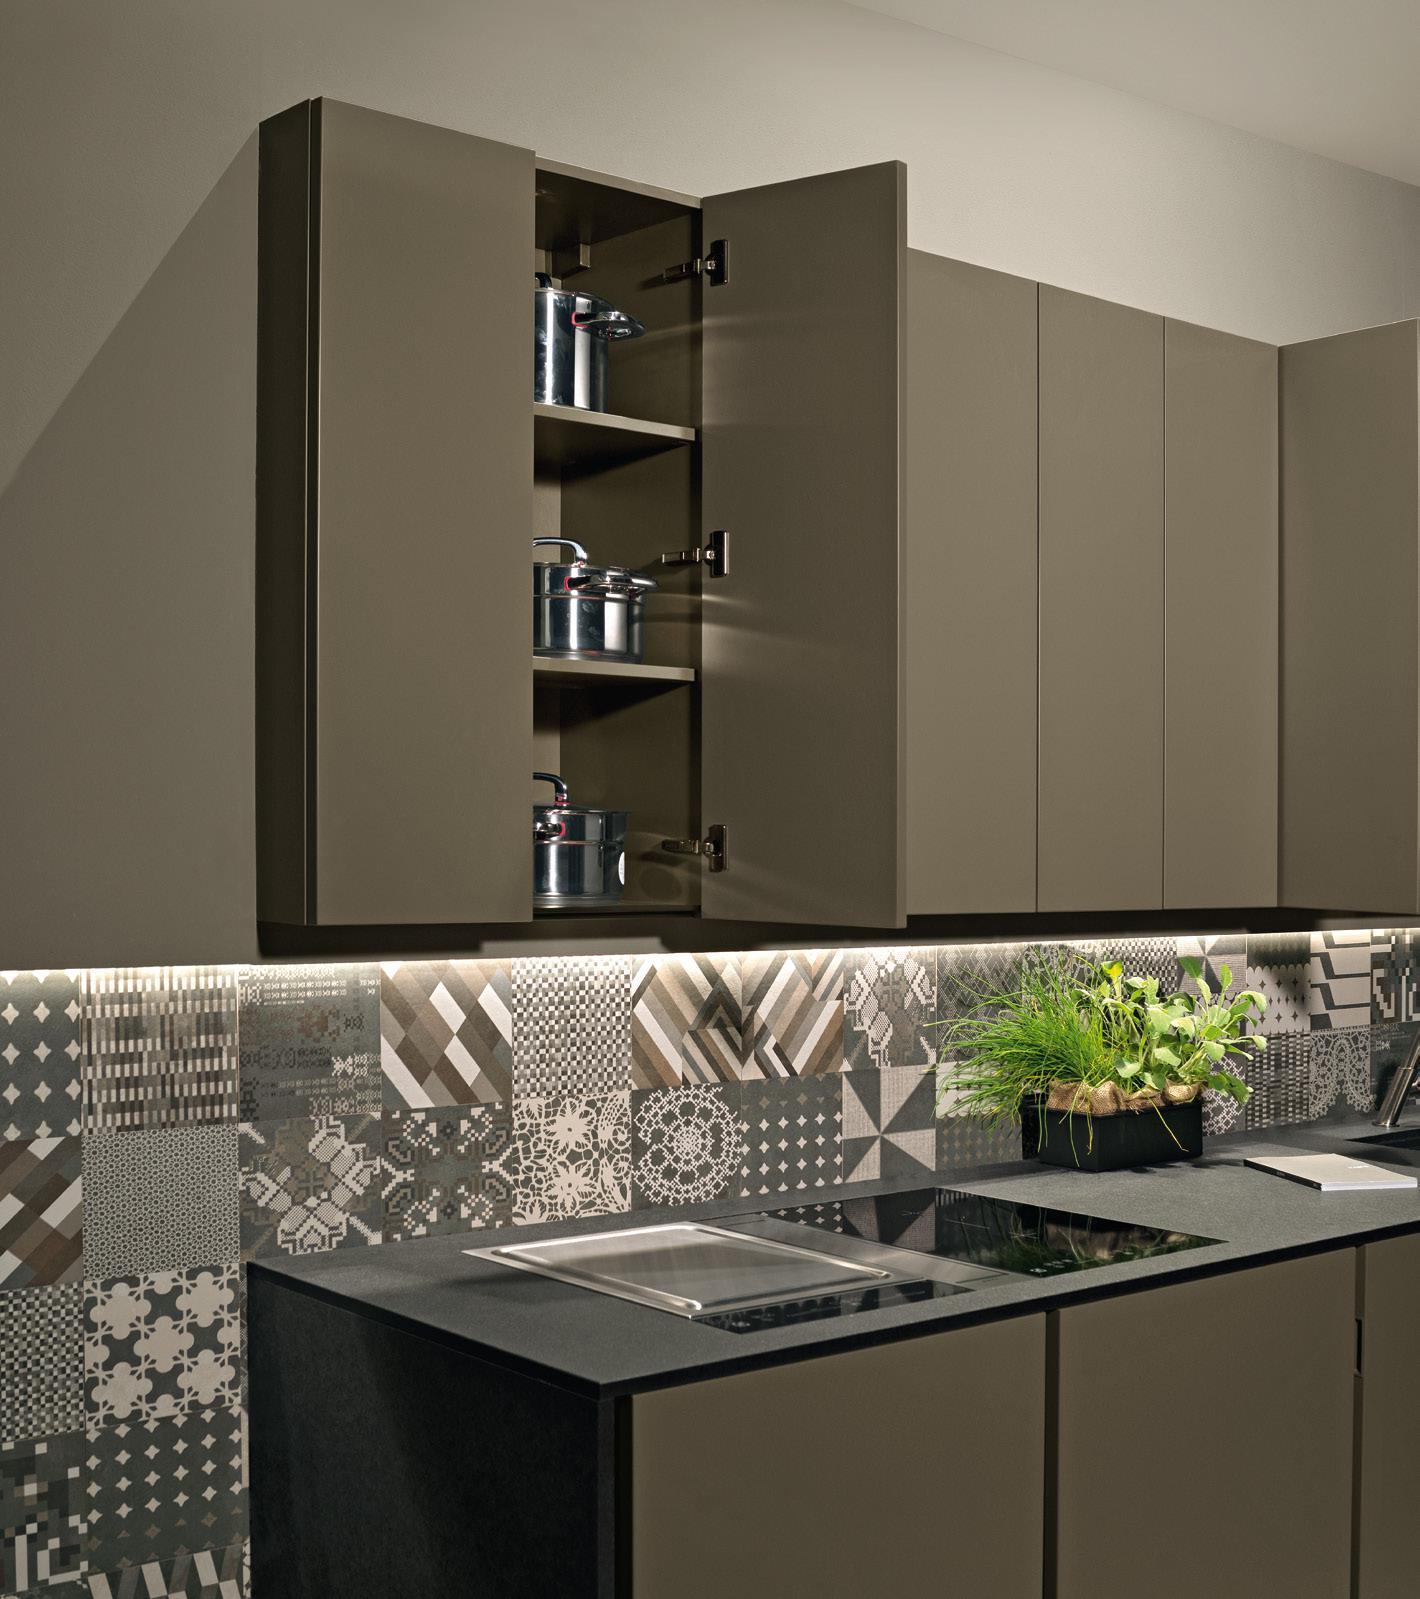 Nett Küchendesign Bilder Zeitgenössisch - Ideen Für Die Küche ...